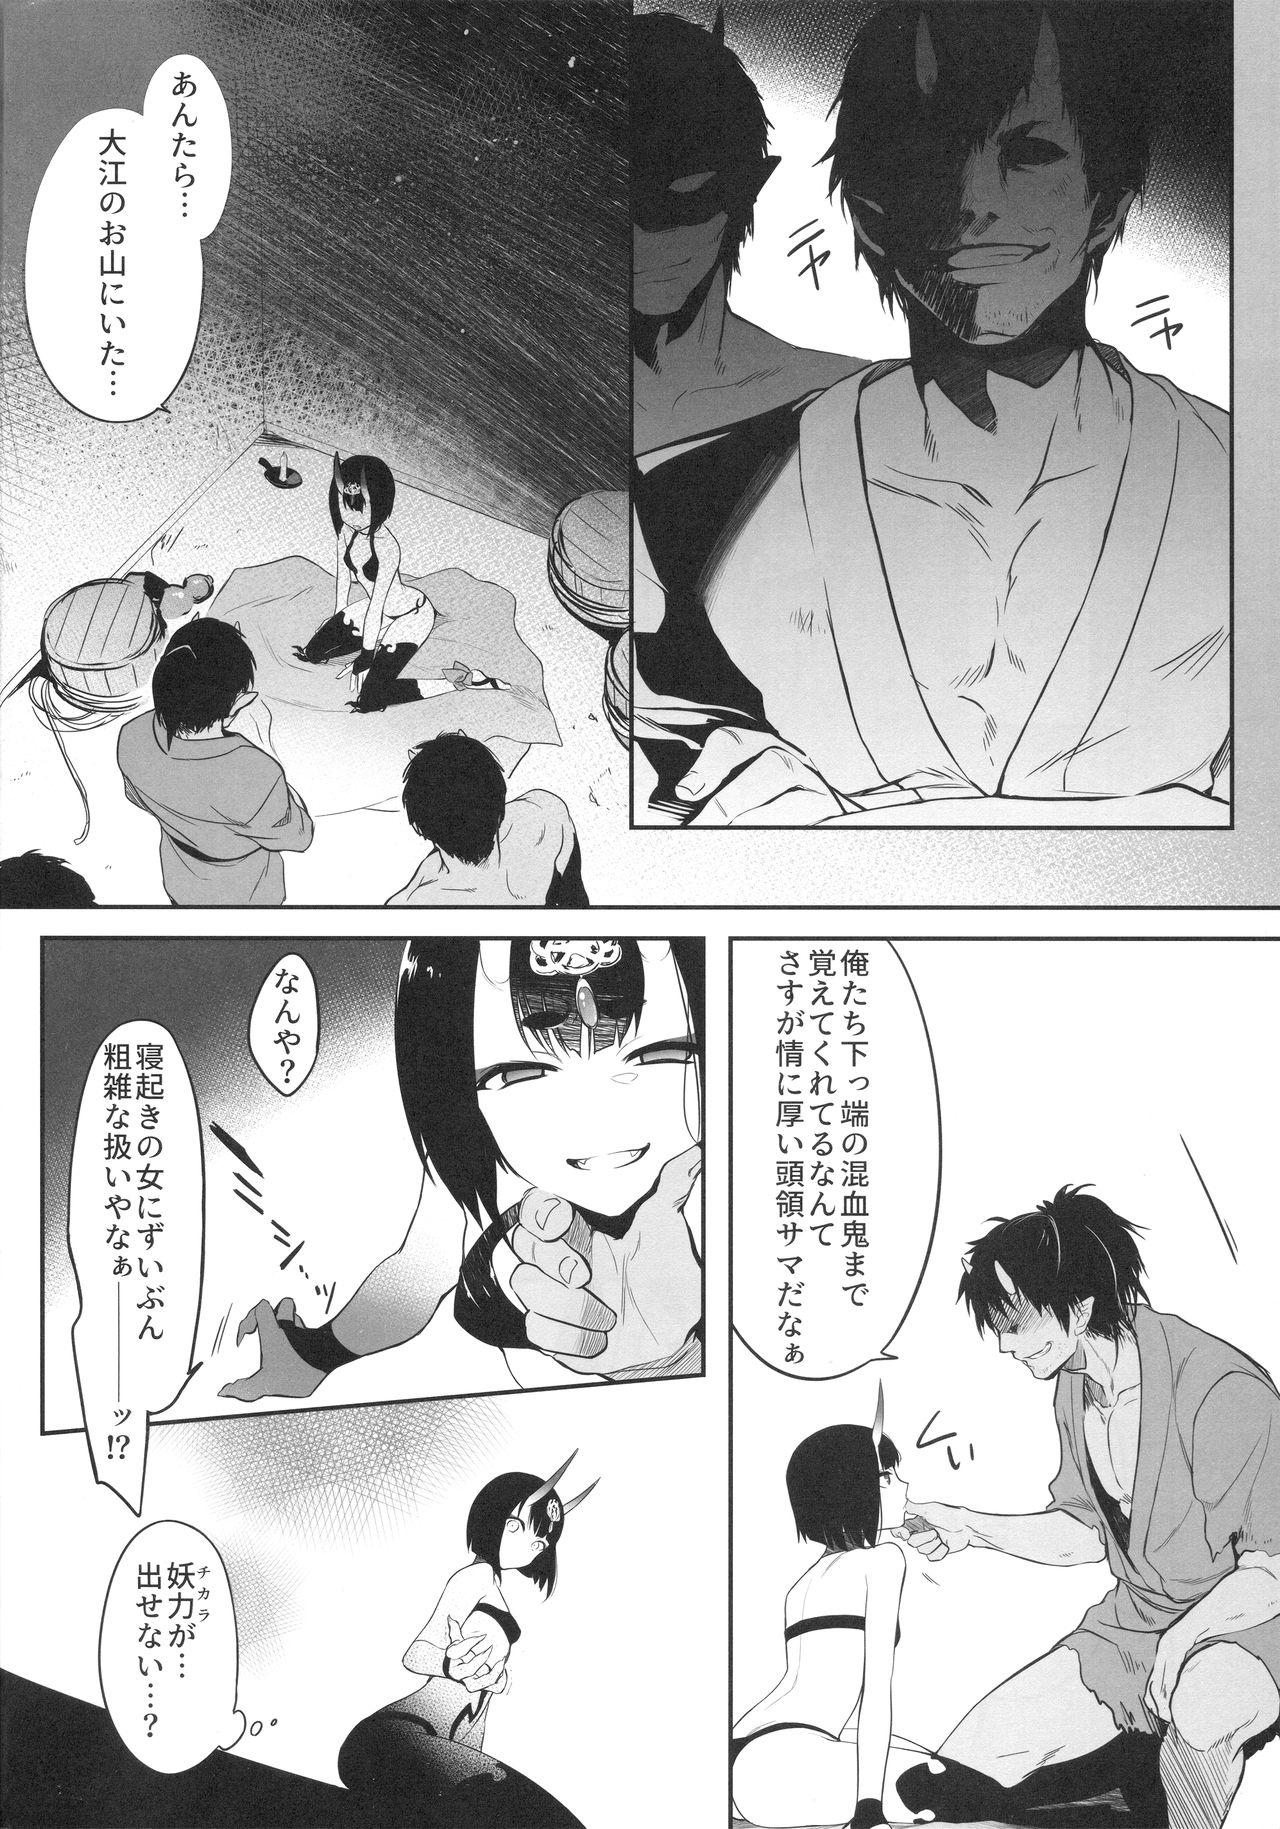 Kidoku no Shuki 2